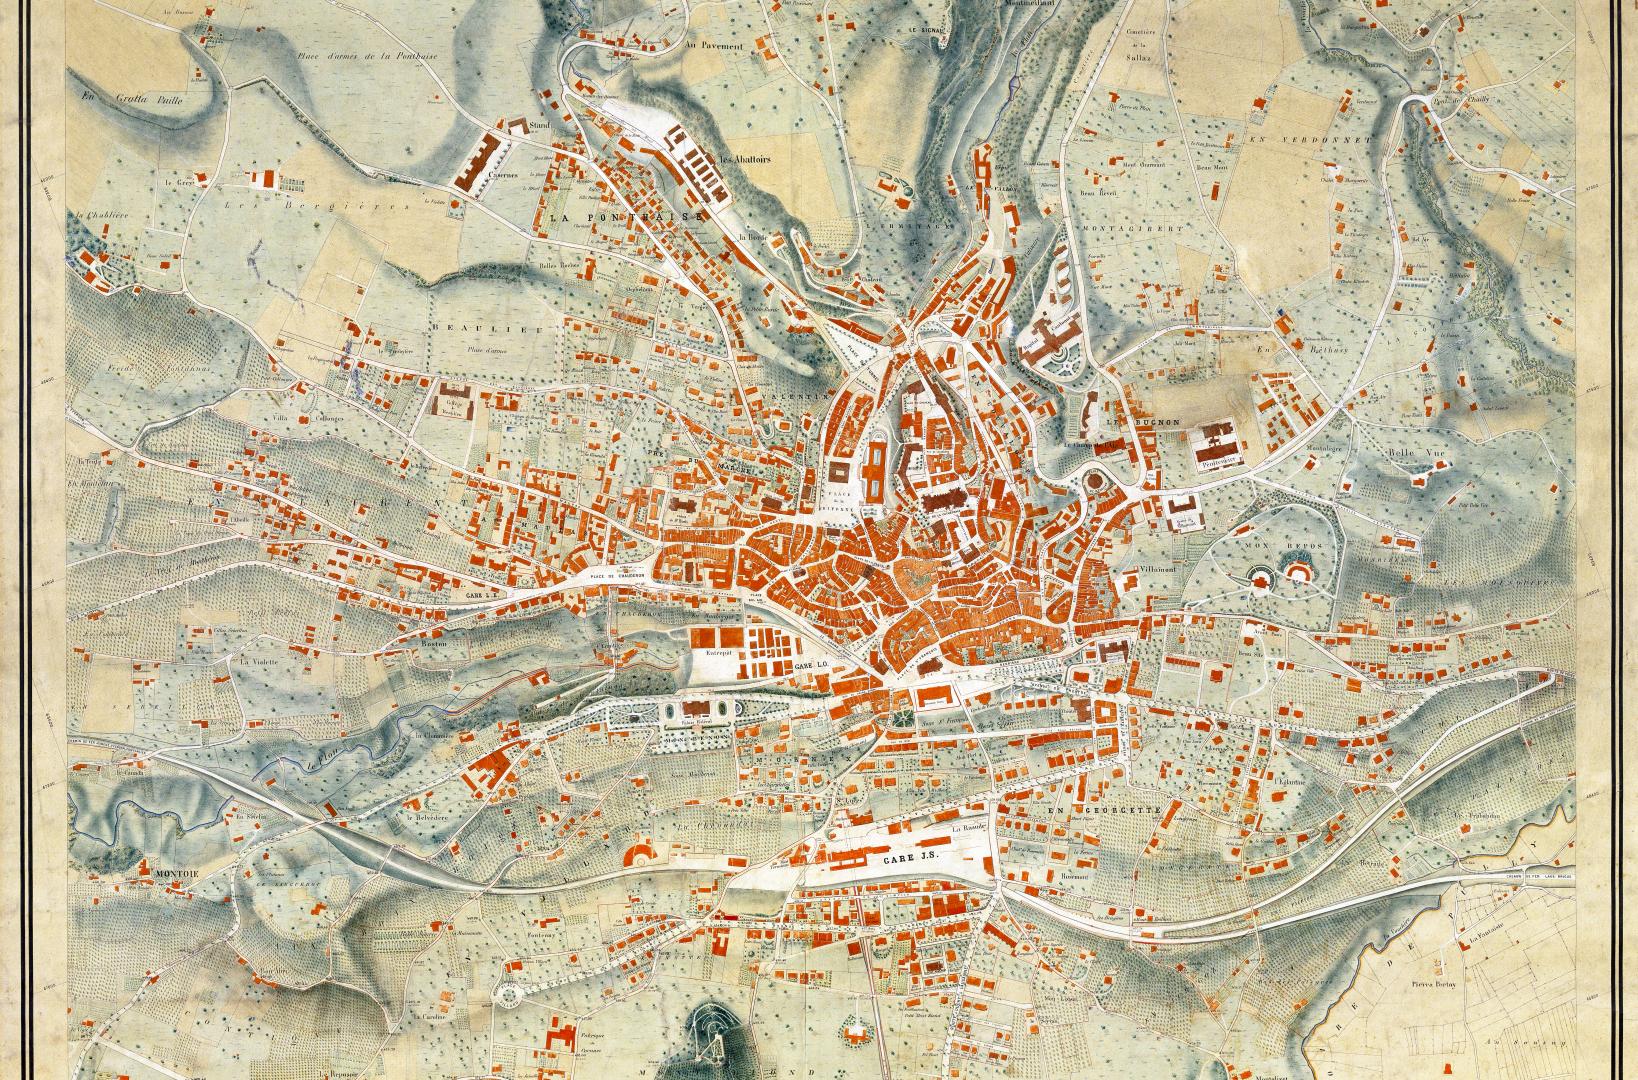 Archives de la Ville de Lausanne (1896)